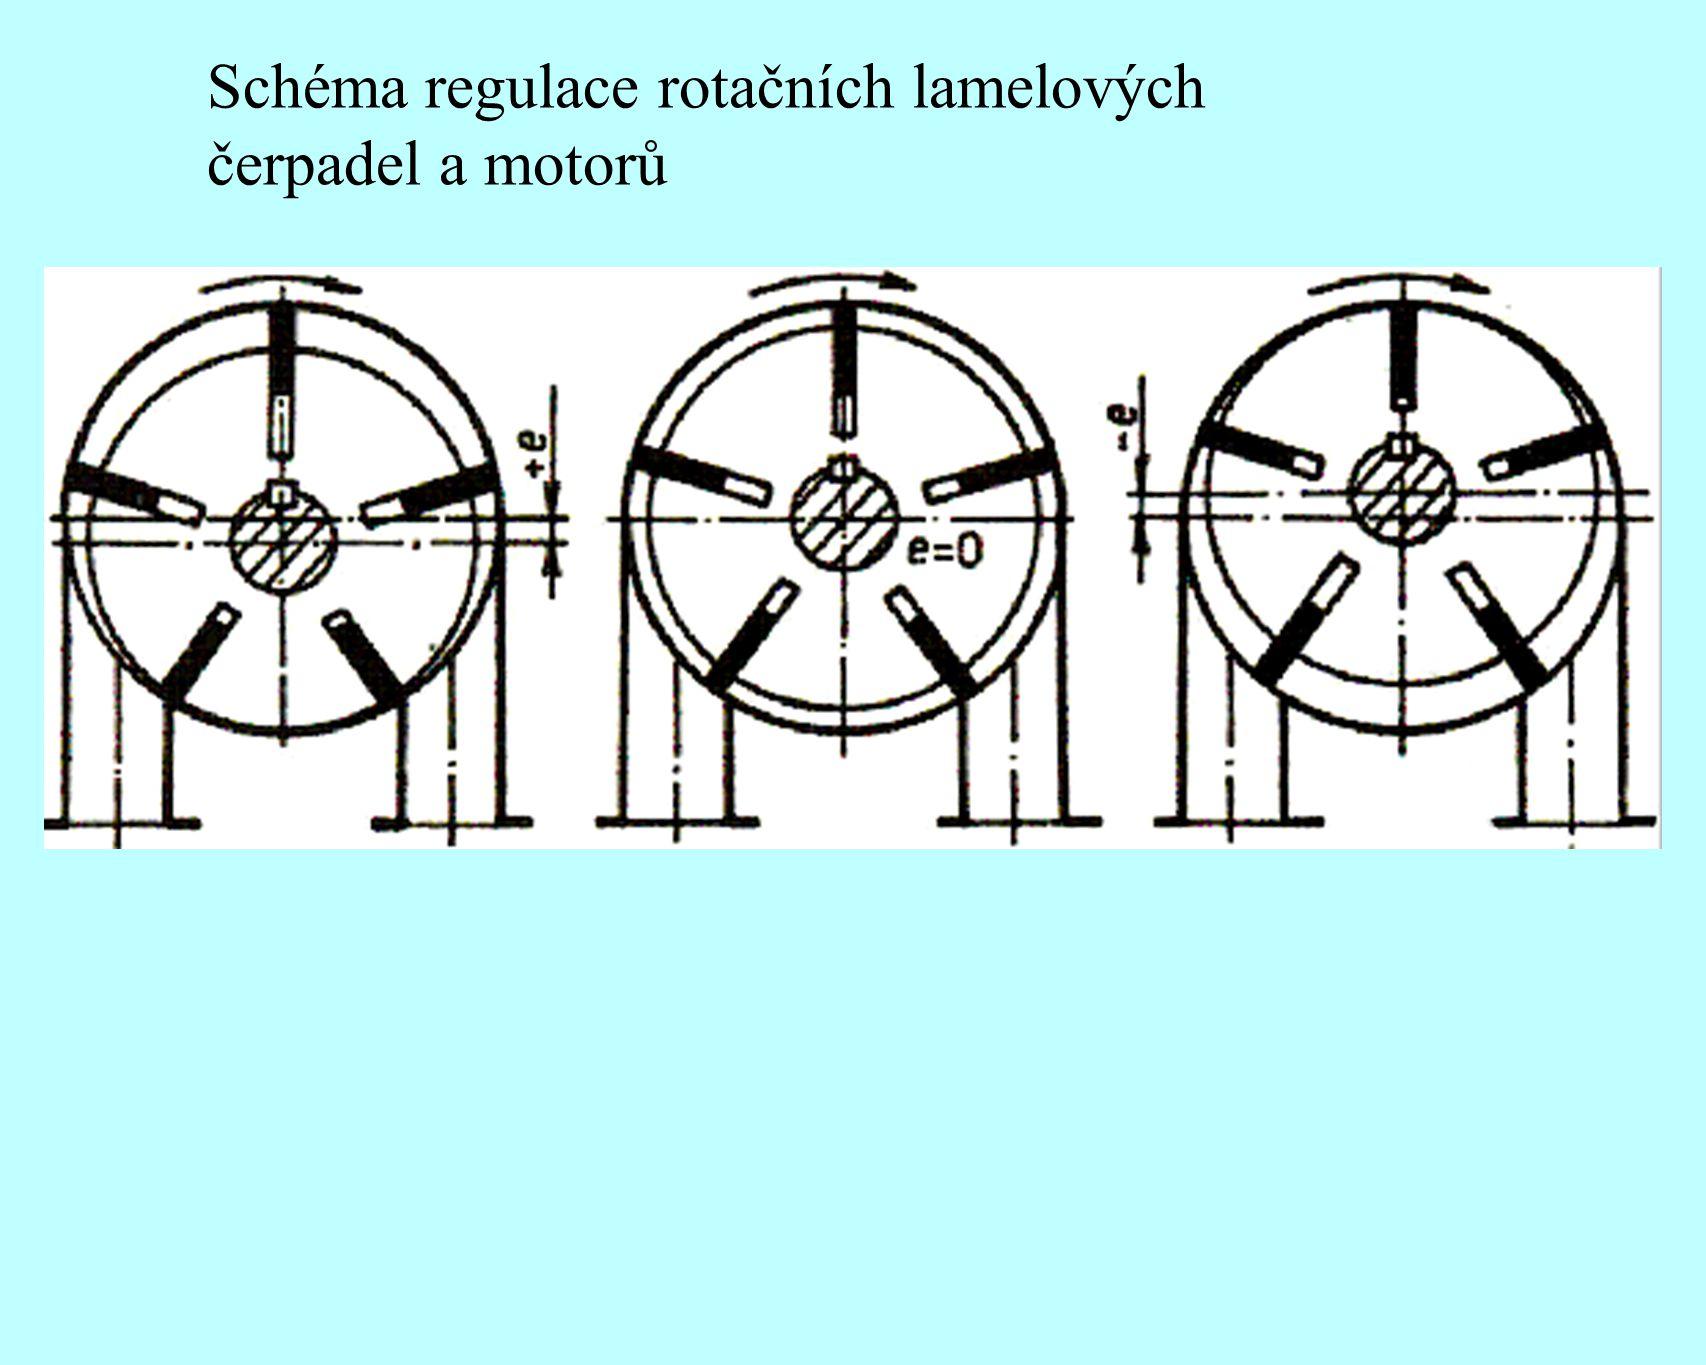 Schéma regulace rotačních lamelových